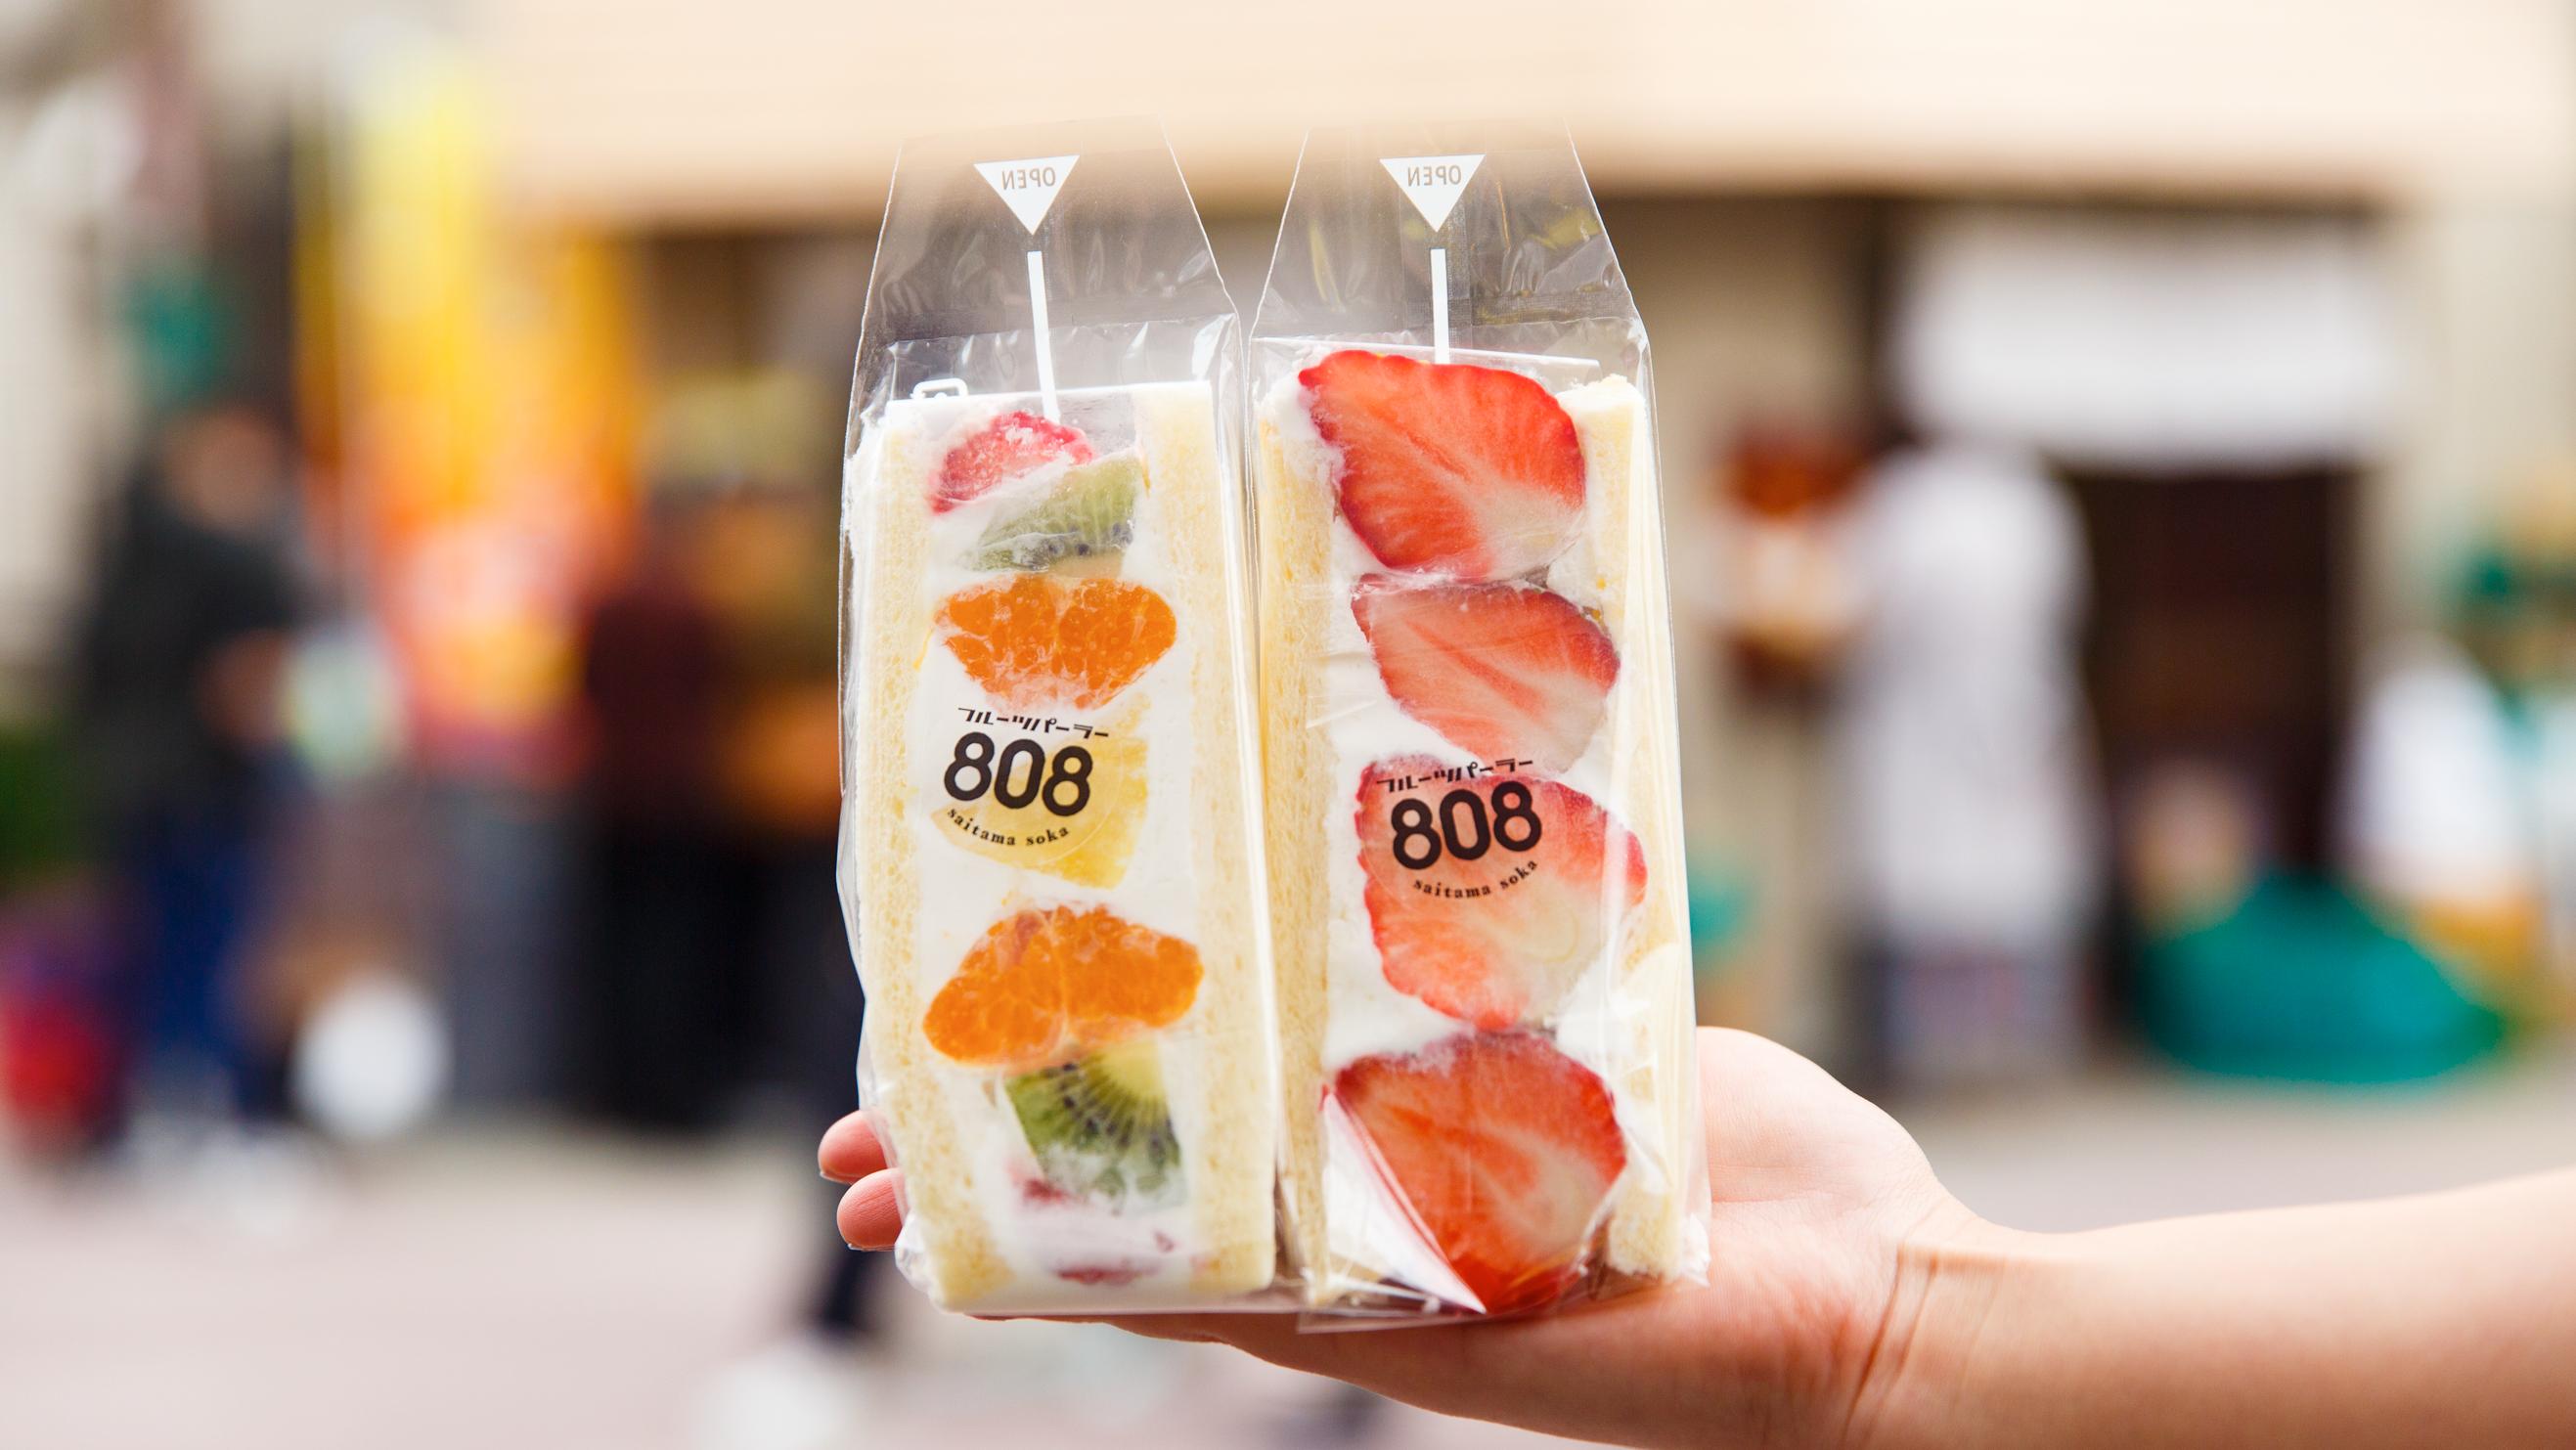 Fruit Parlor 808